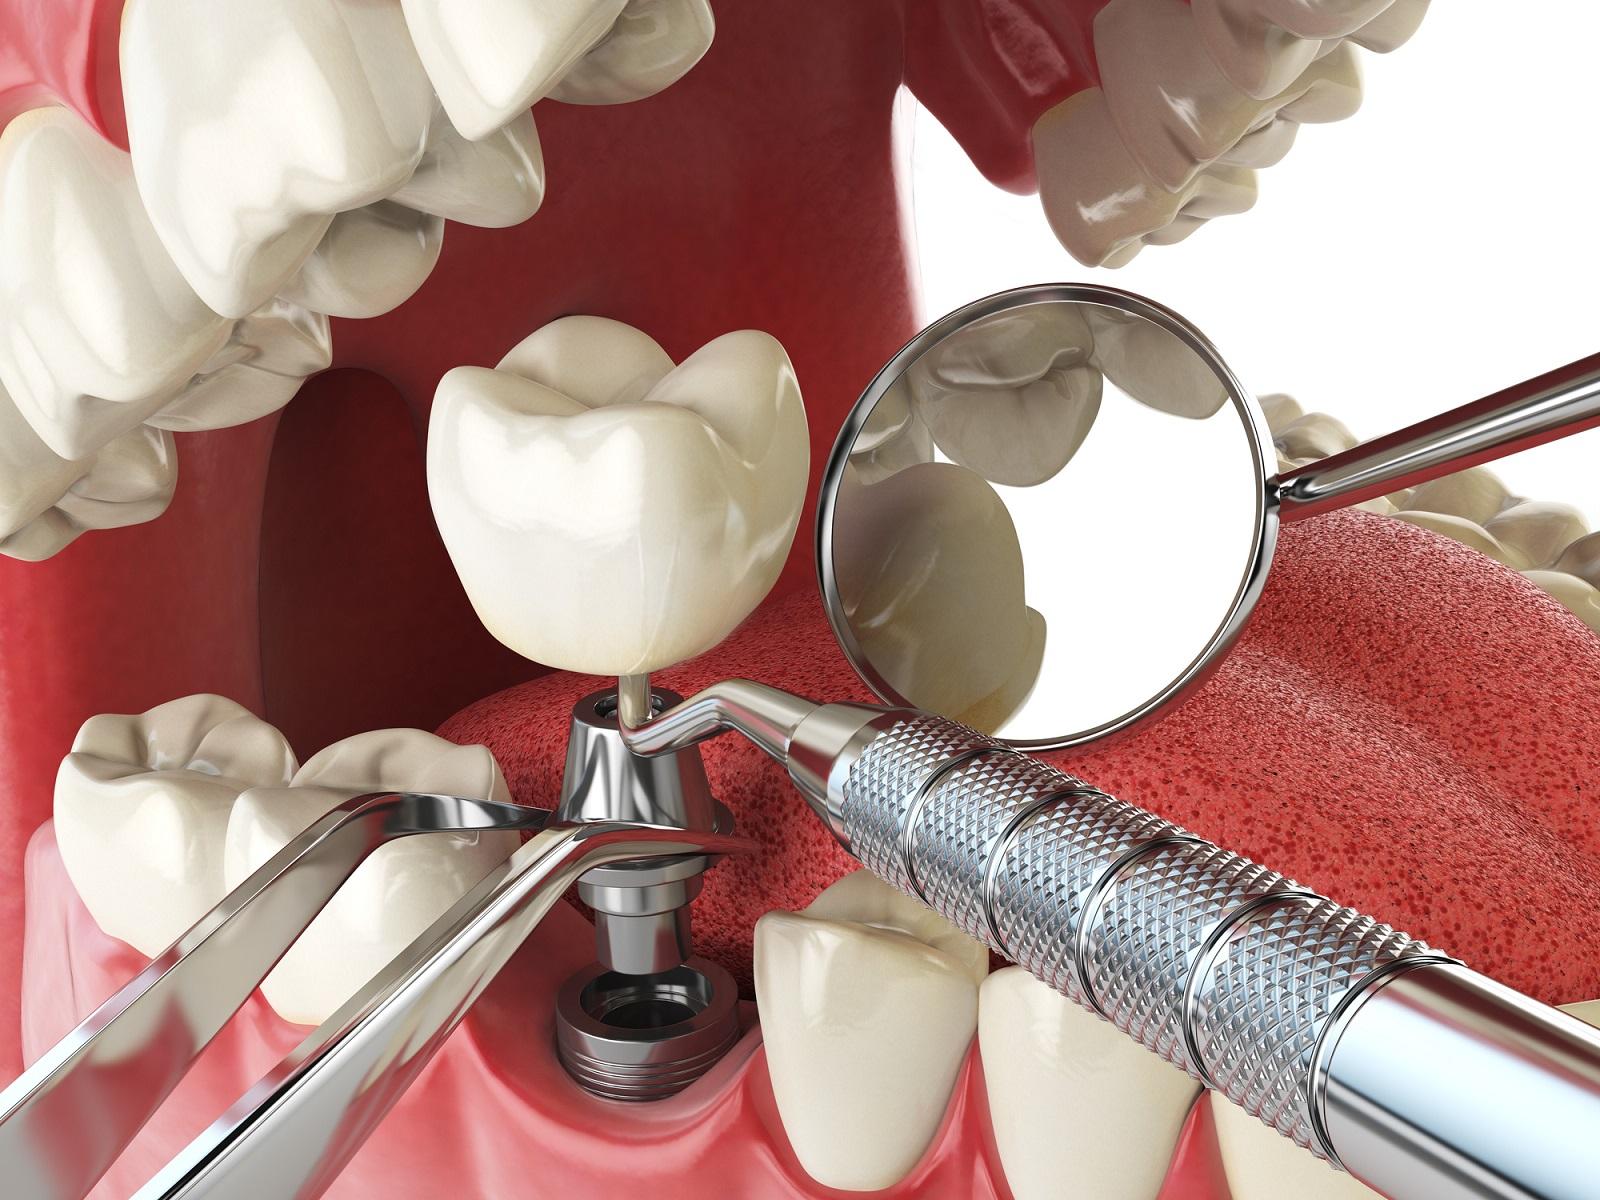 Materiały, z których produkuje się implanty